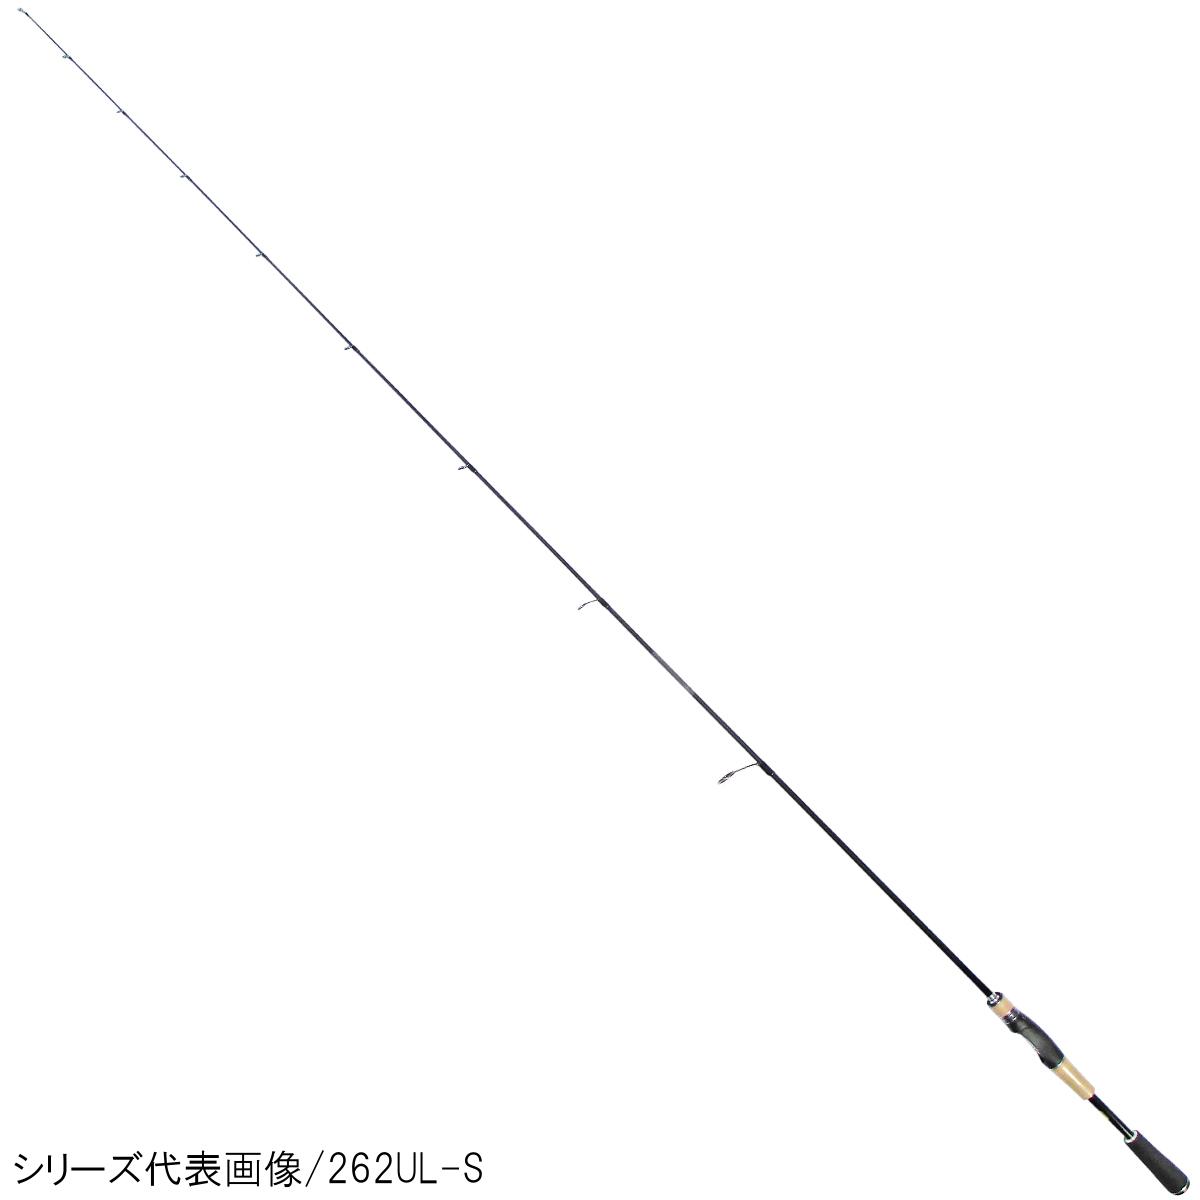 シマノ エクスプライド 268UL-S【大型商品】